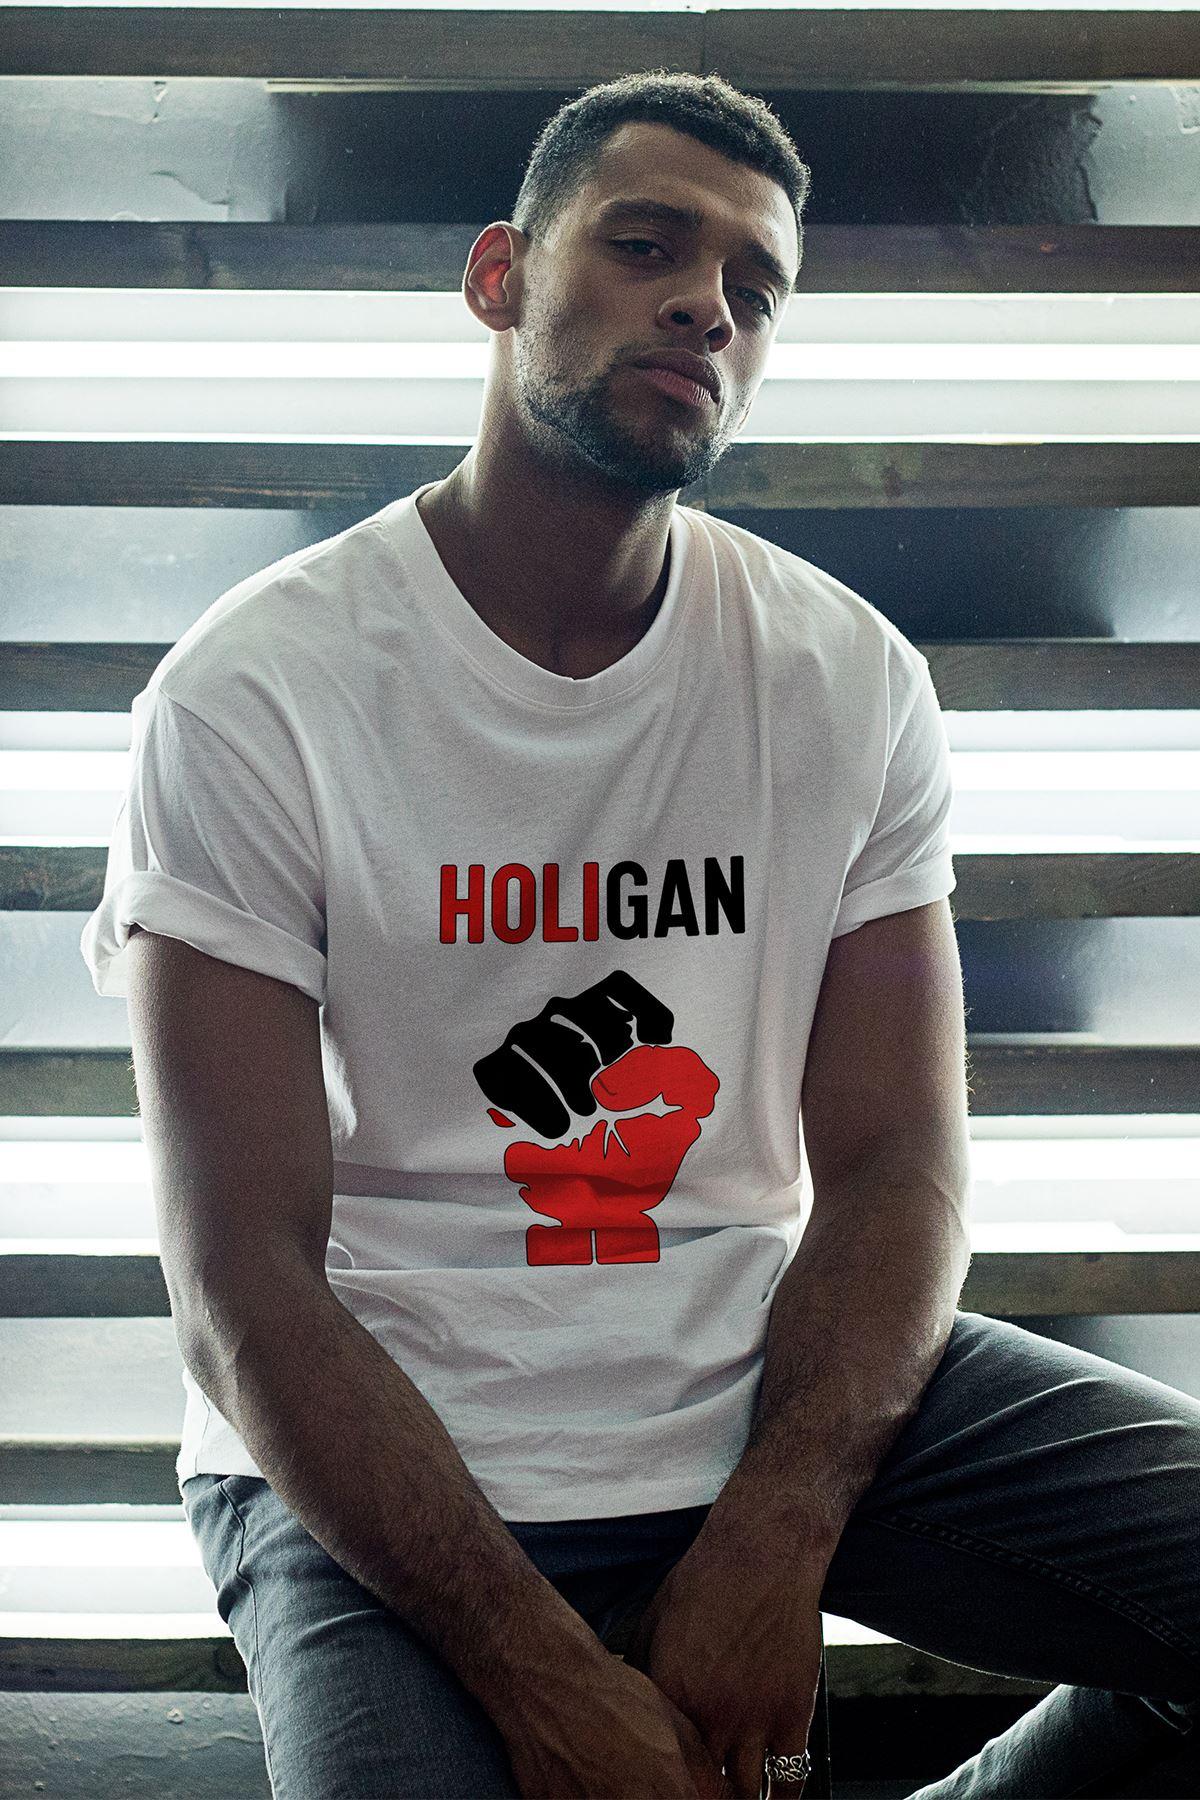 Holigan Beyaz Erkek Oversize Tshirt - Tişört